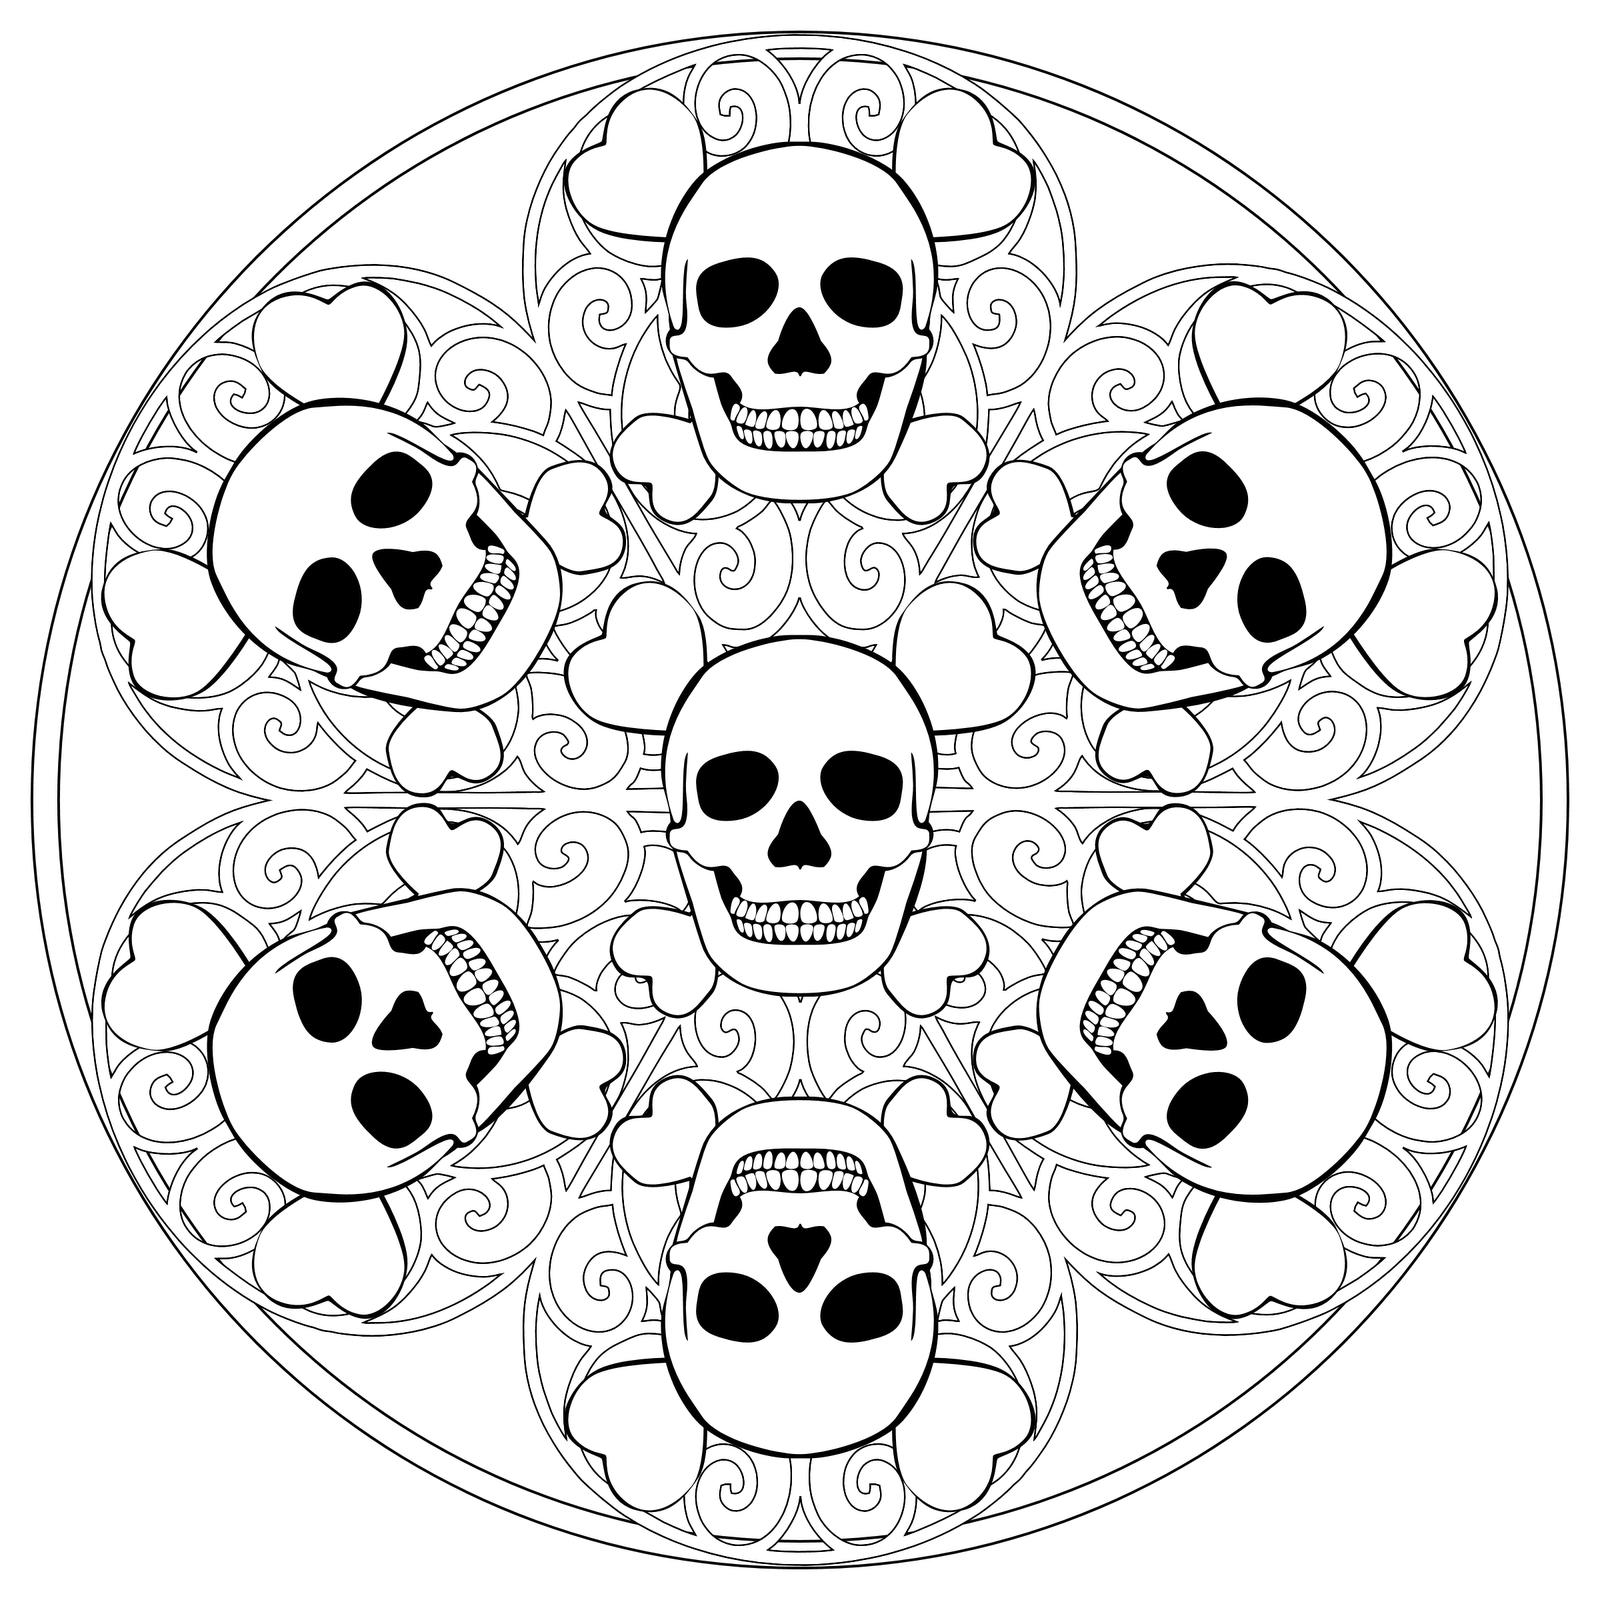 coloriage mandala Dessins et images mandala gratuits  colorier Coloriage mandala amusant tªte de mort